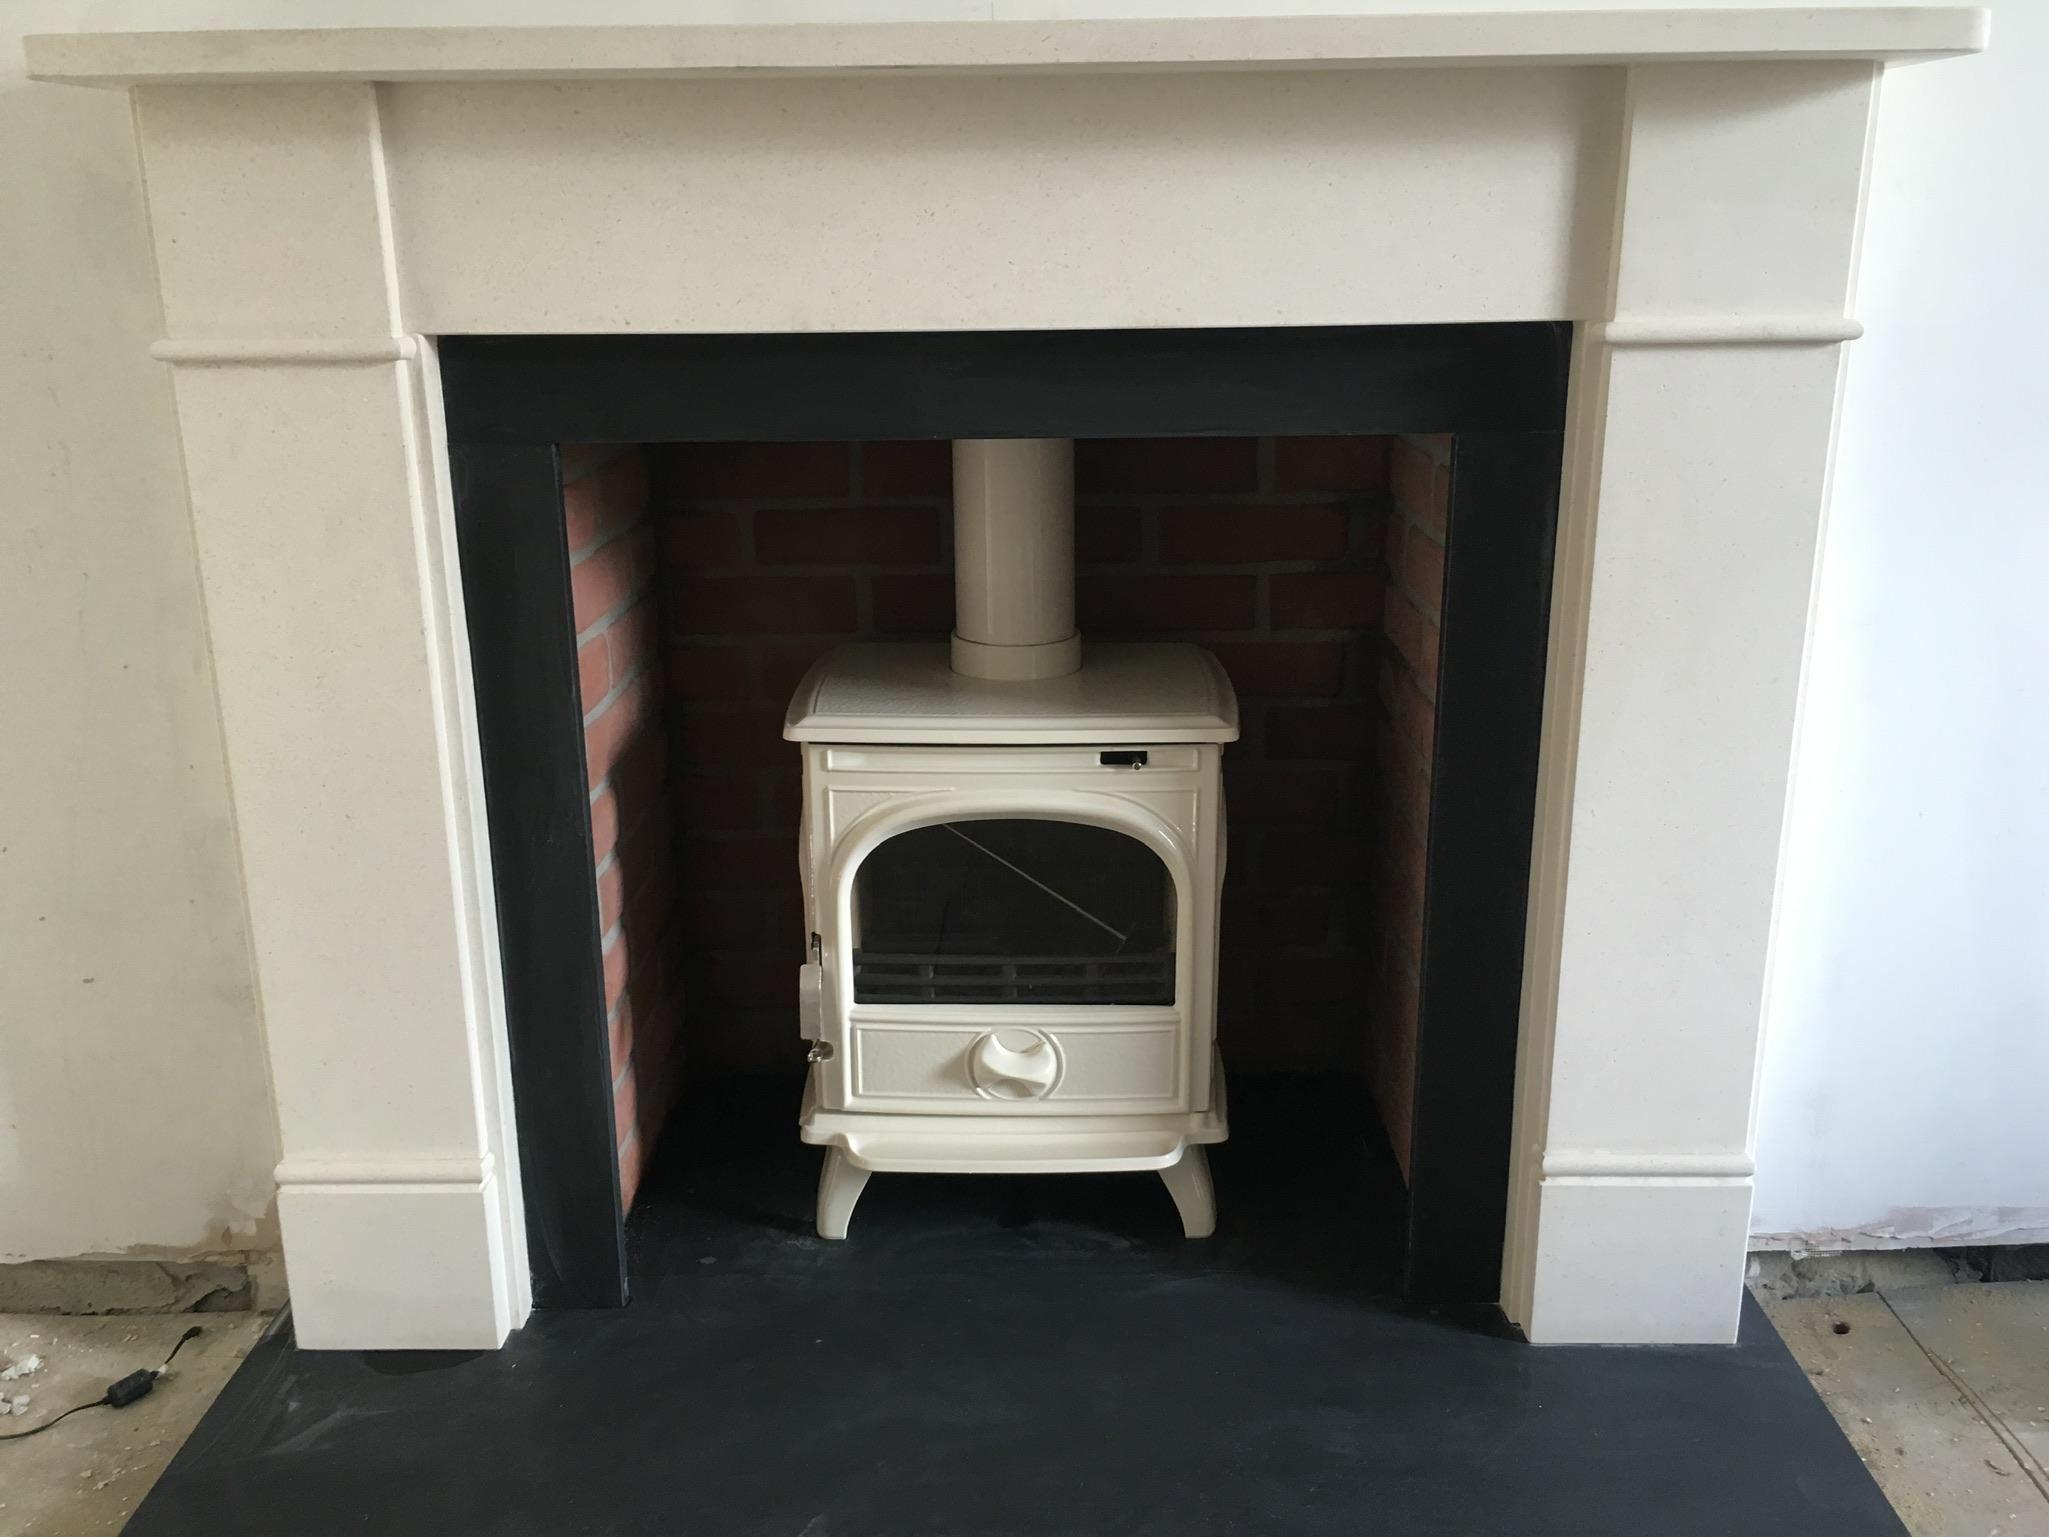 White stove